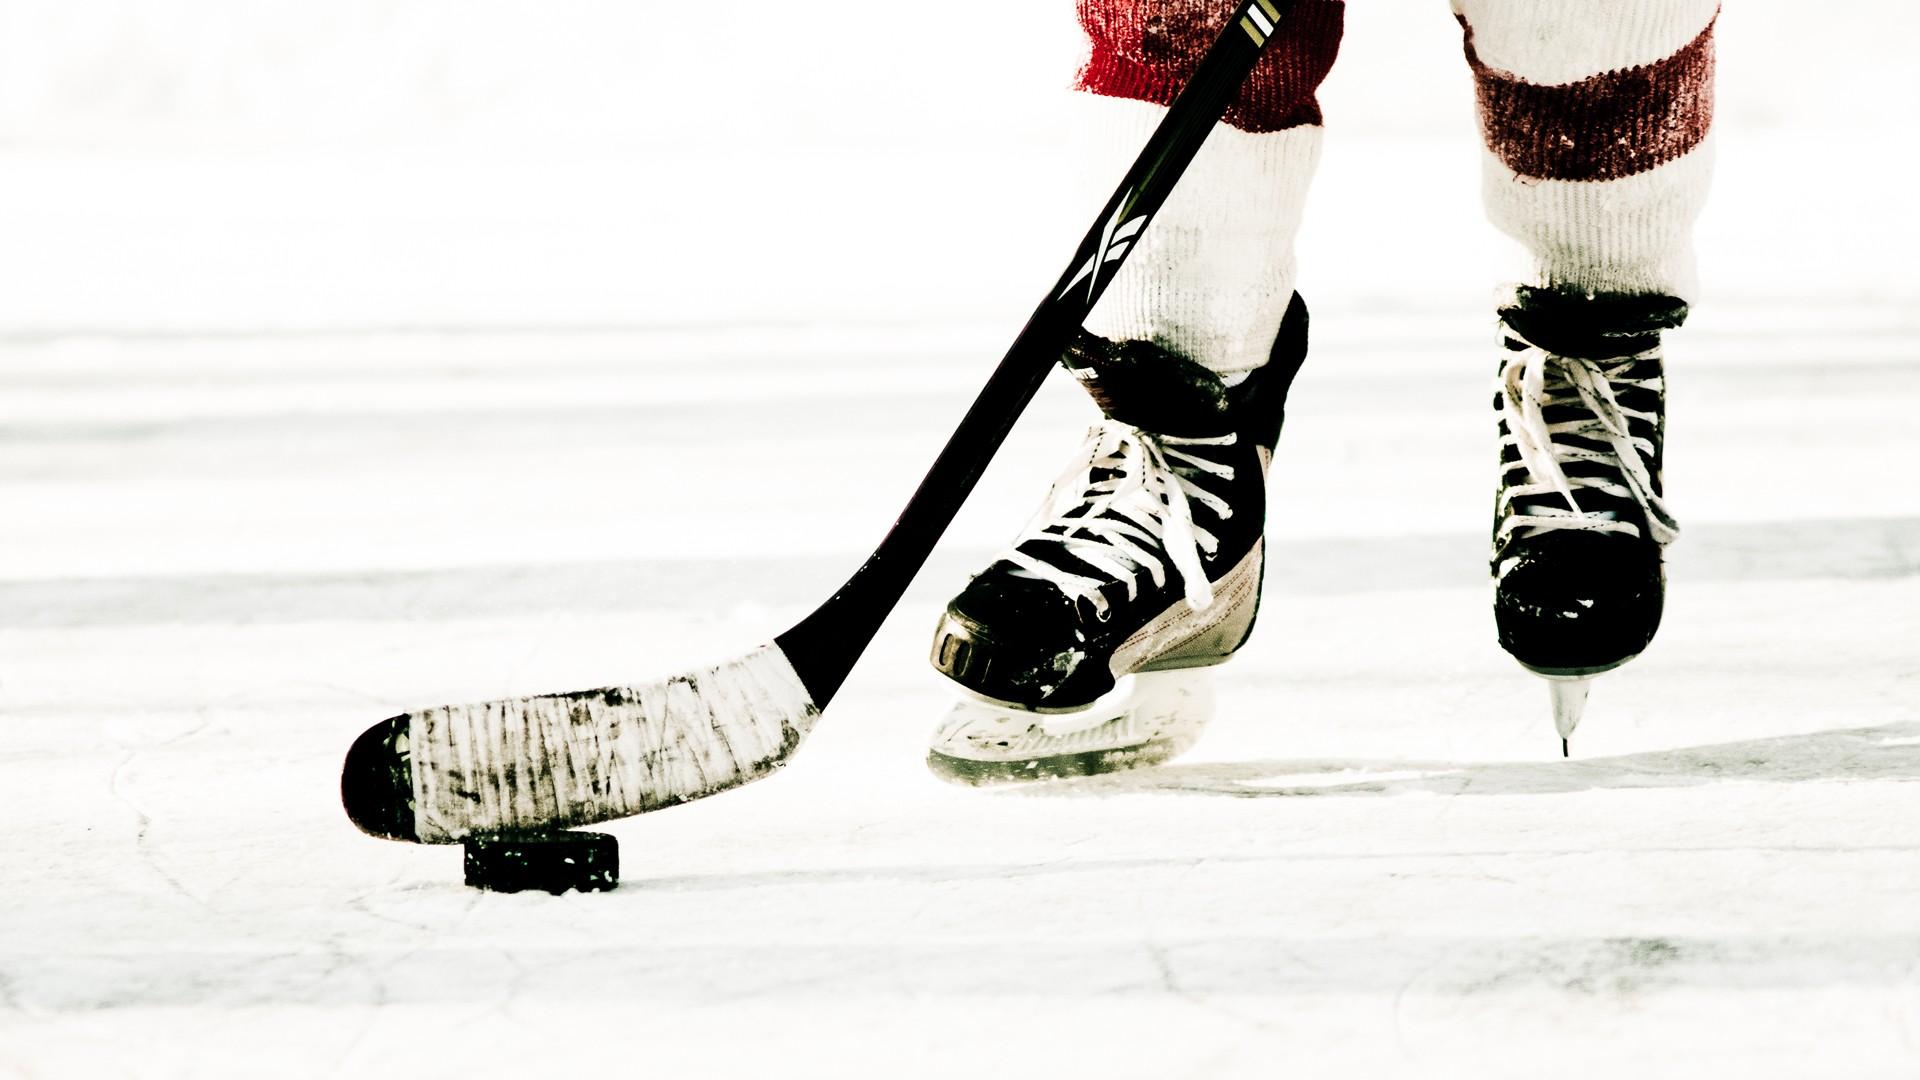 Ice Hockey Wallpaper 1920x1080 Ice Hockey 1920x1080